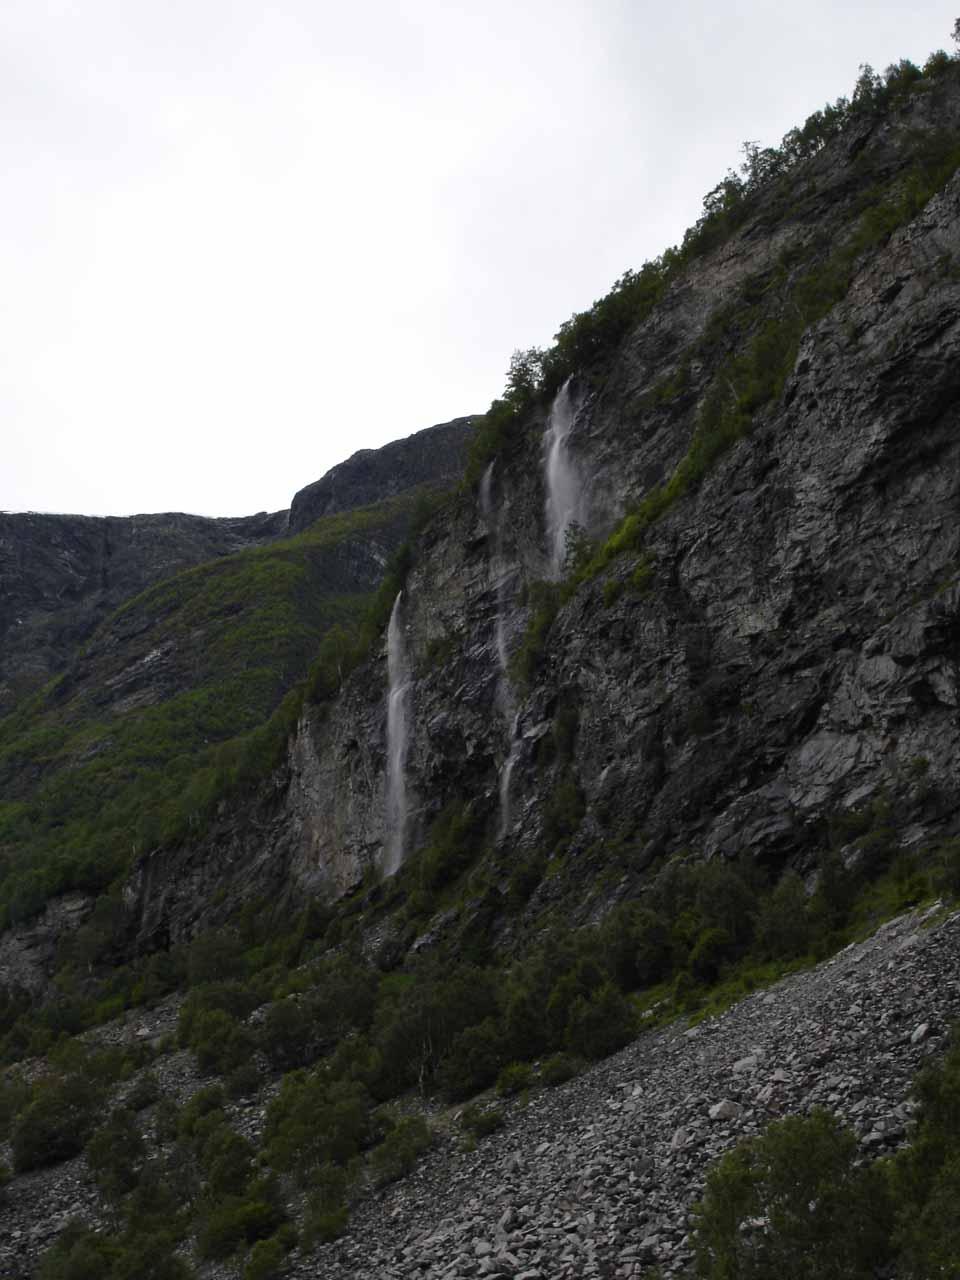 Still more random waterfalls seen on the drive between Øvre Årdal and Utladalen